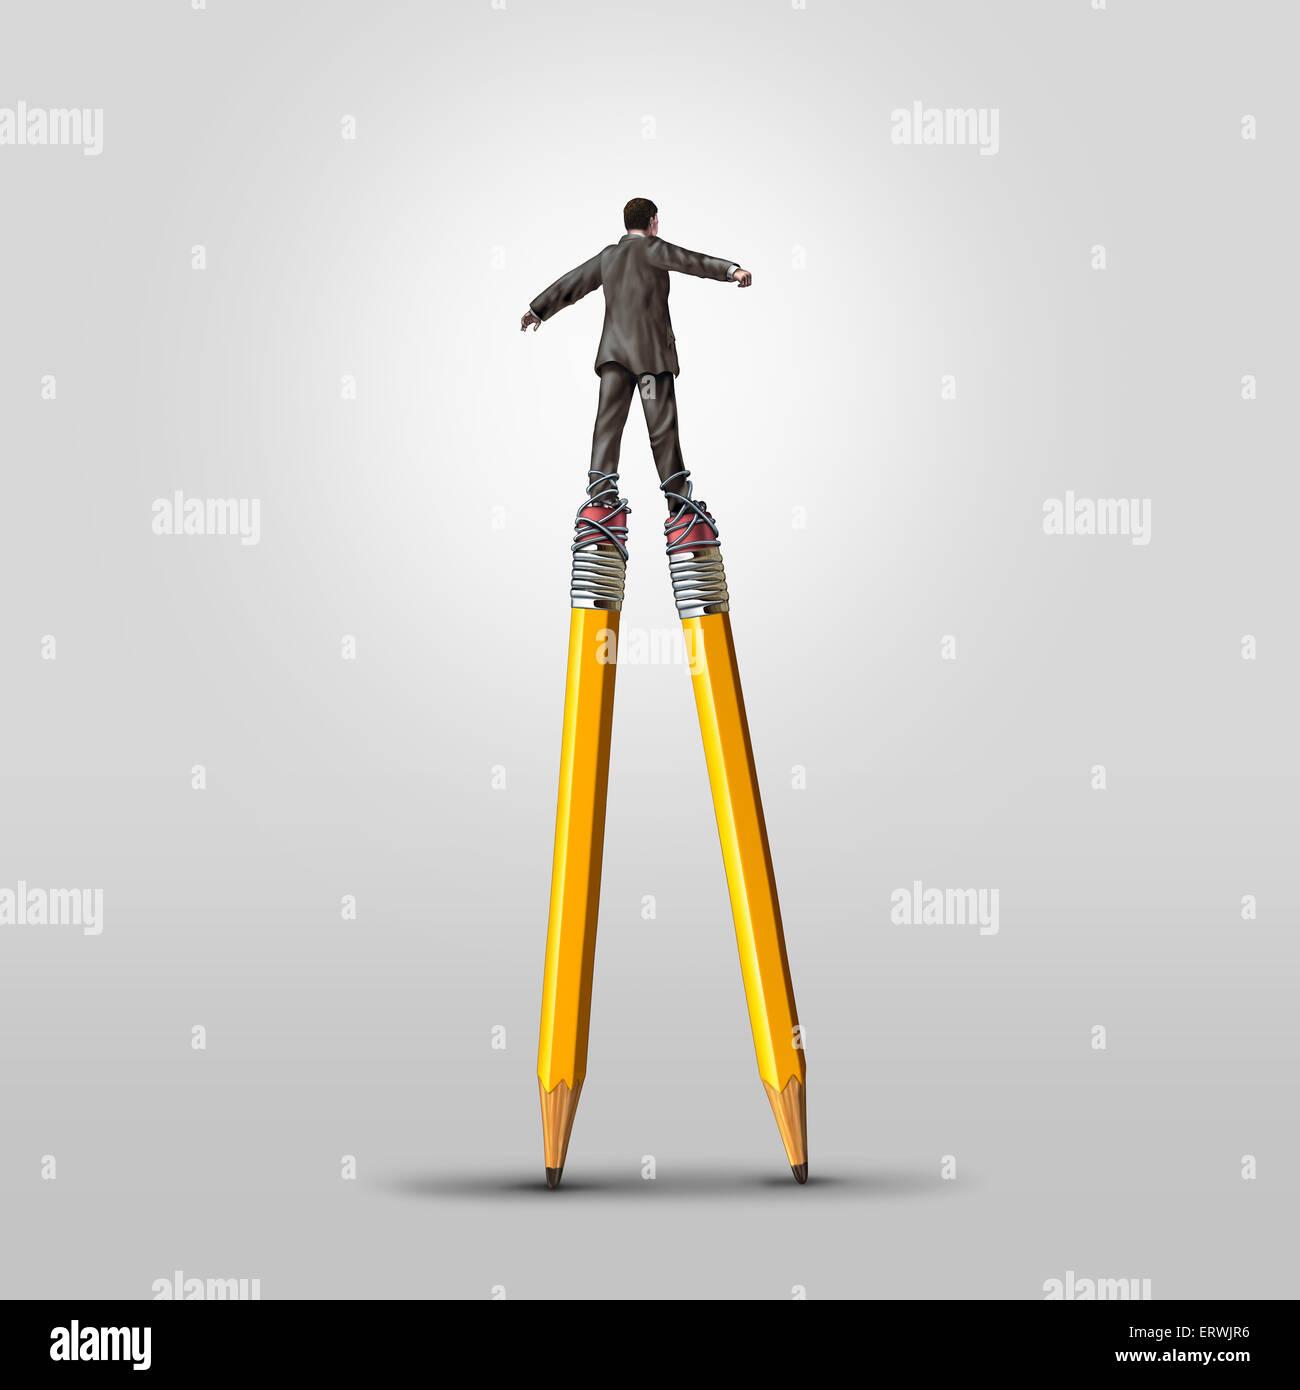 Compétence créative concept comme un habile homme d'affaires en équilibre sur des échasses Photo Stock